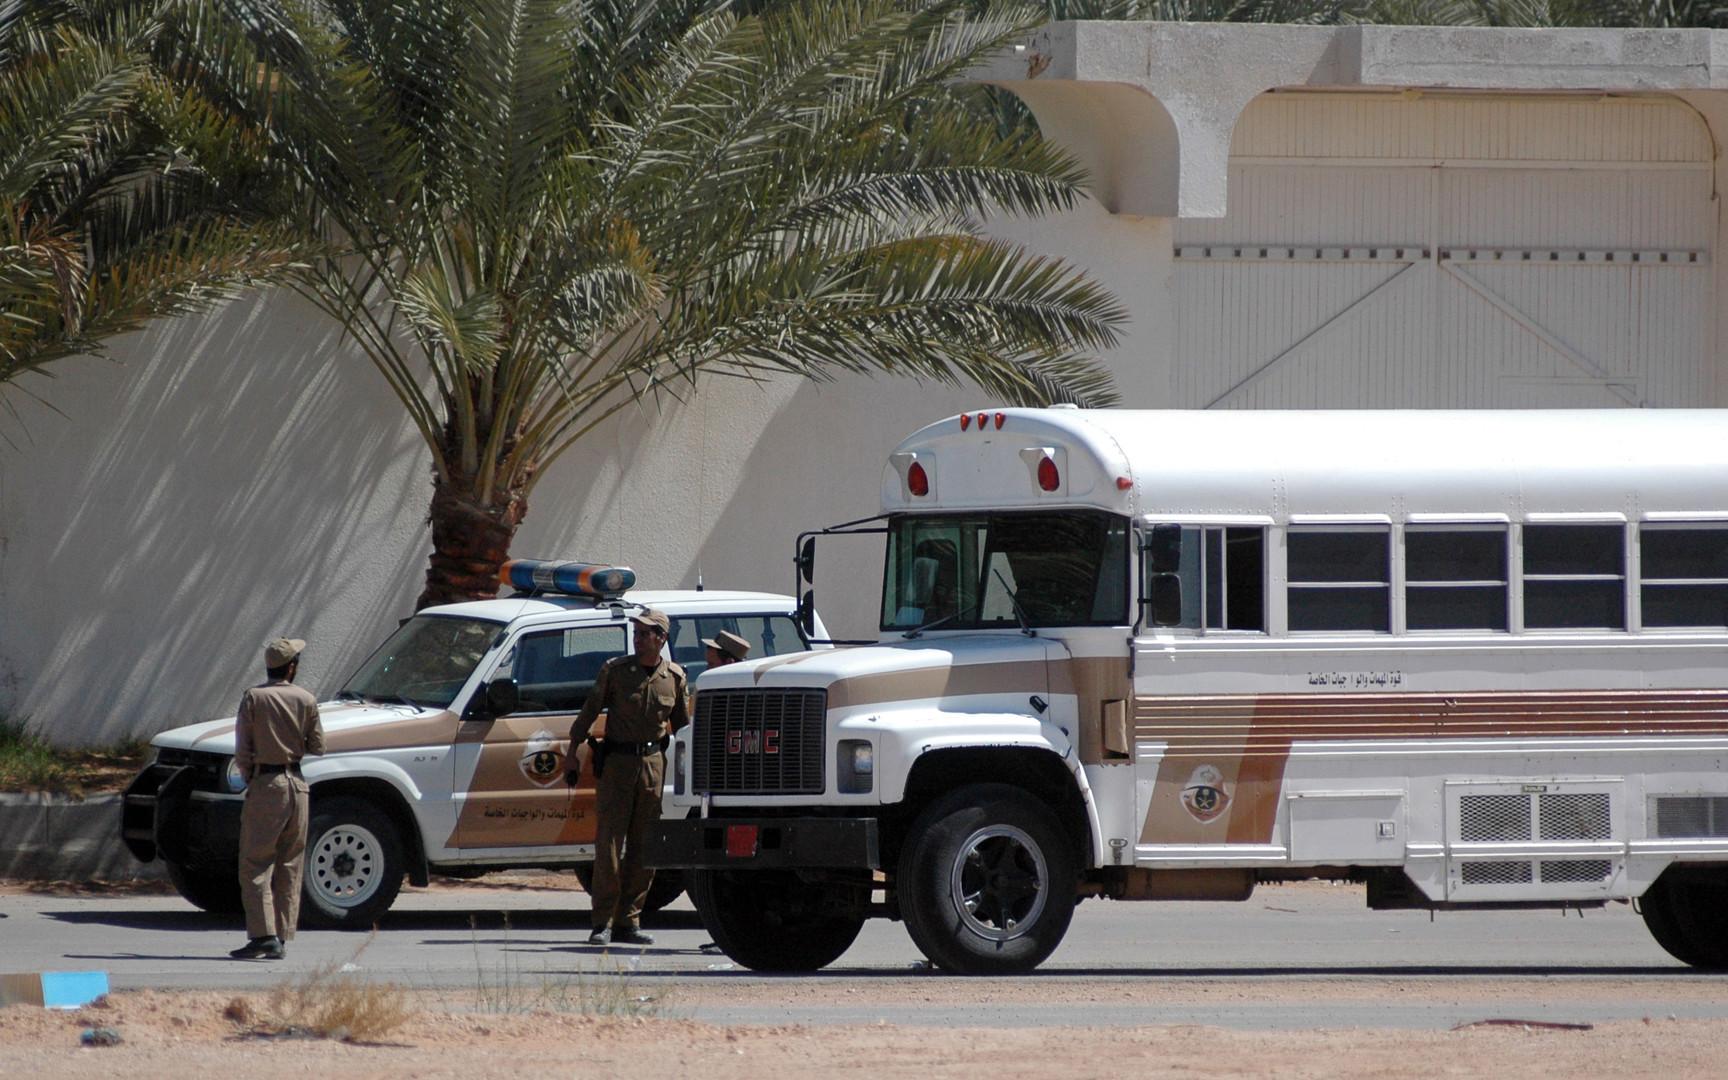 إحباط هجوم إرهابي على مركز مباحث شمالي الرياض وقتل المهاجمين